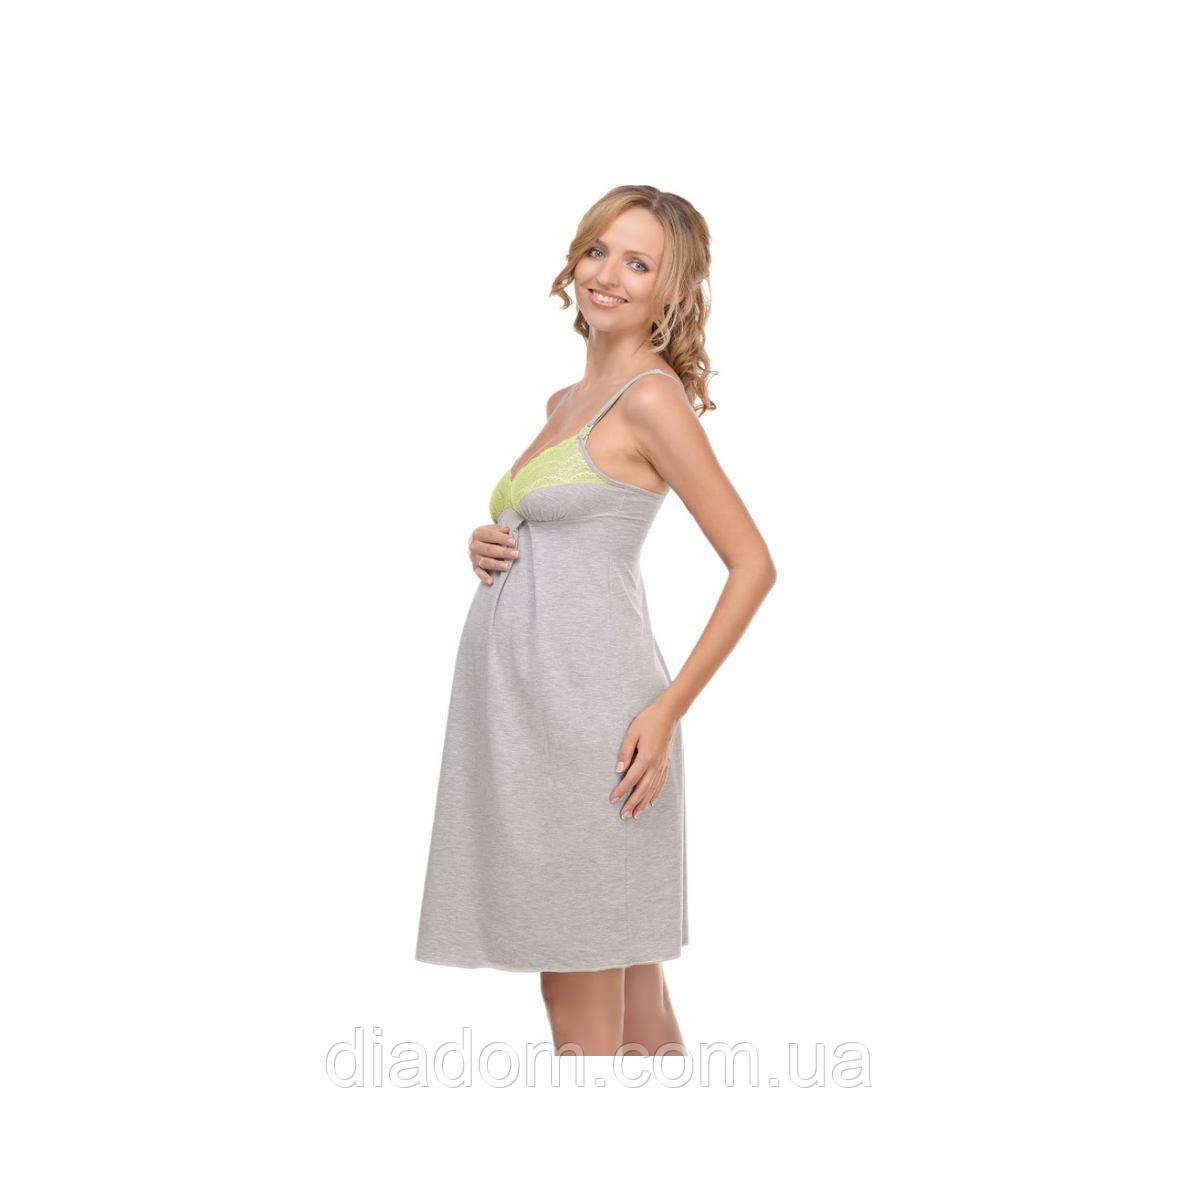 Ночная рубашка Меланж для беременных и кормящих мам серая